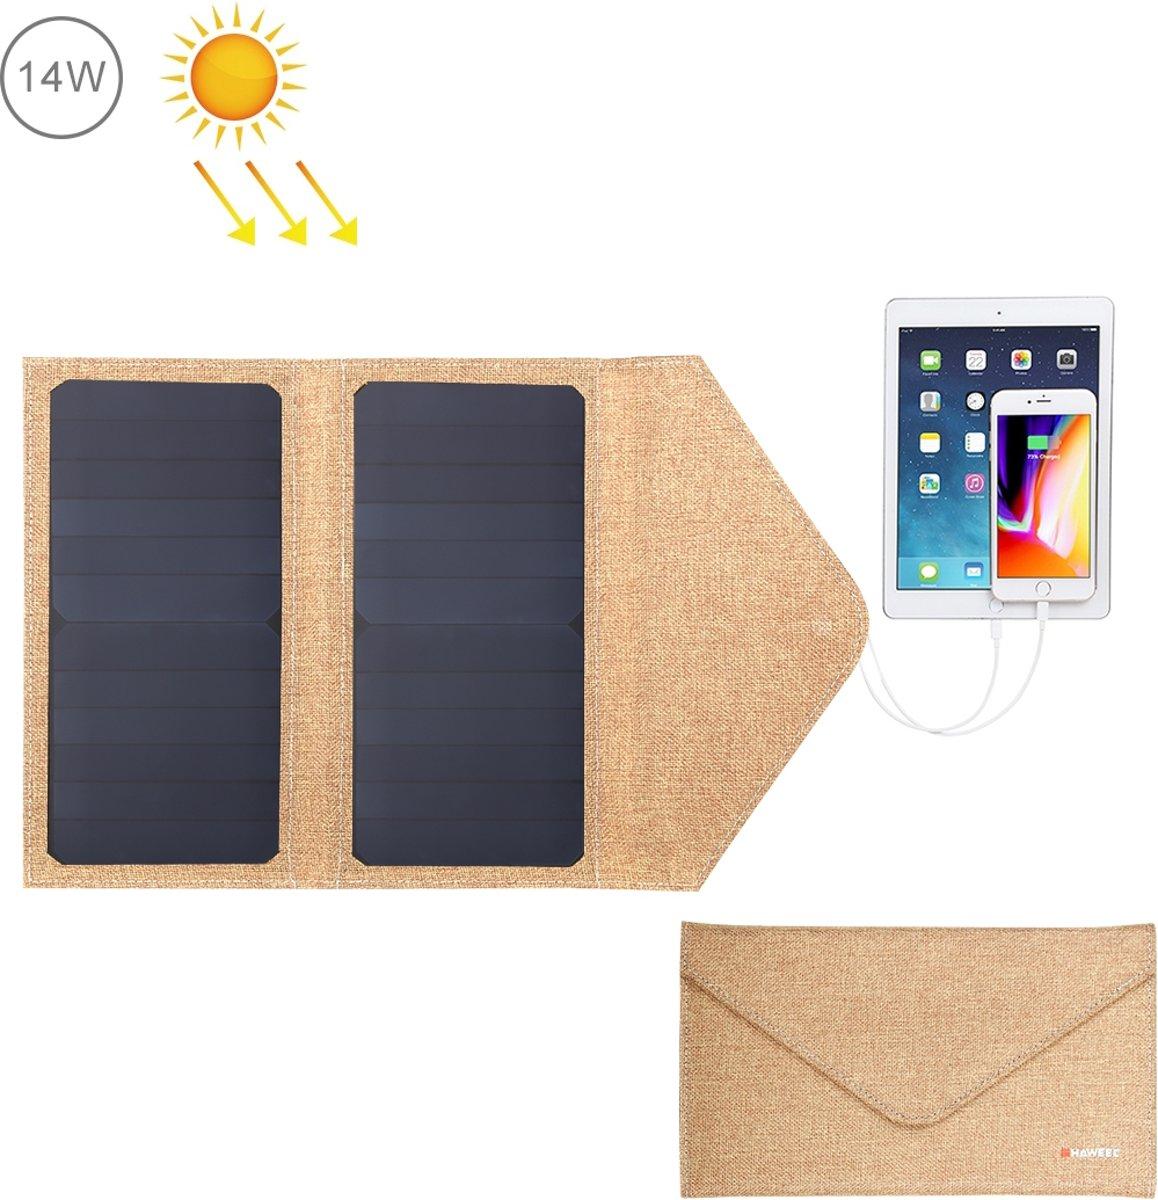 HAWEEL 14W opvouwbare zonnepaneel oplader met 5V / 2.1A Max dubbele USB-poorten (geel)